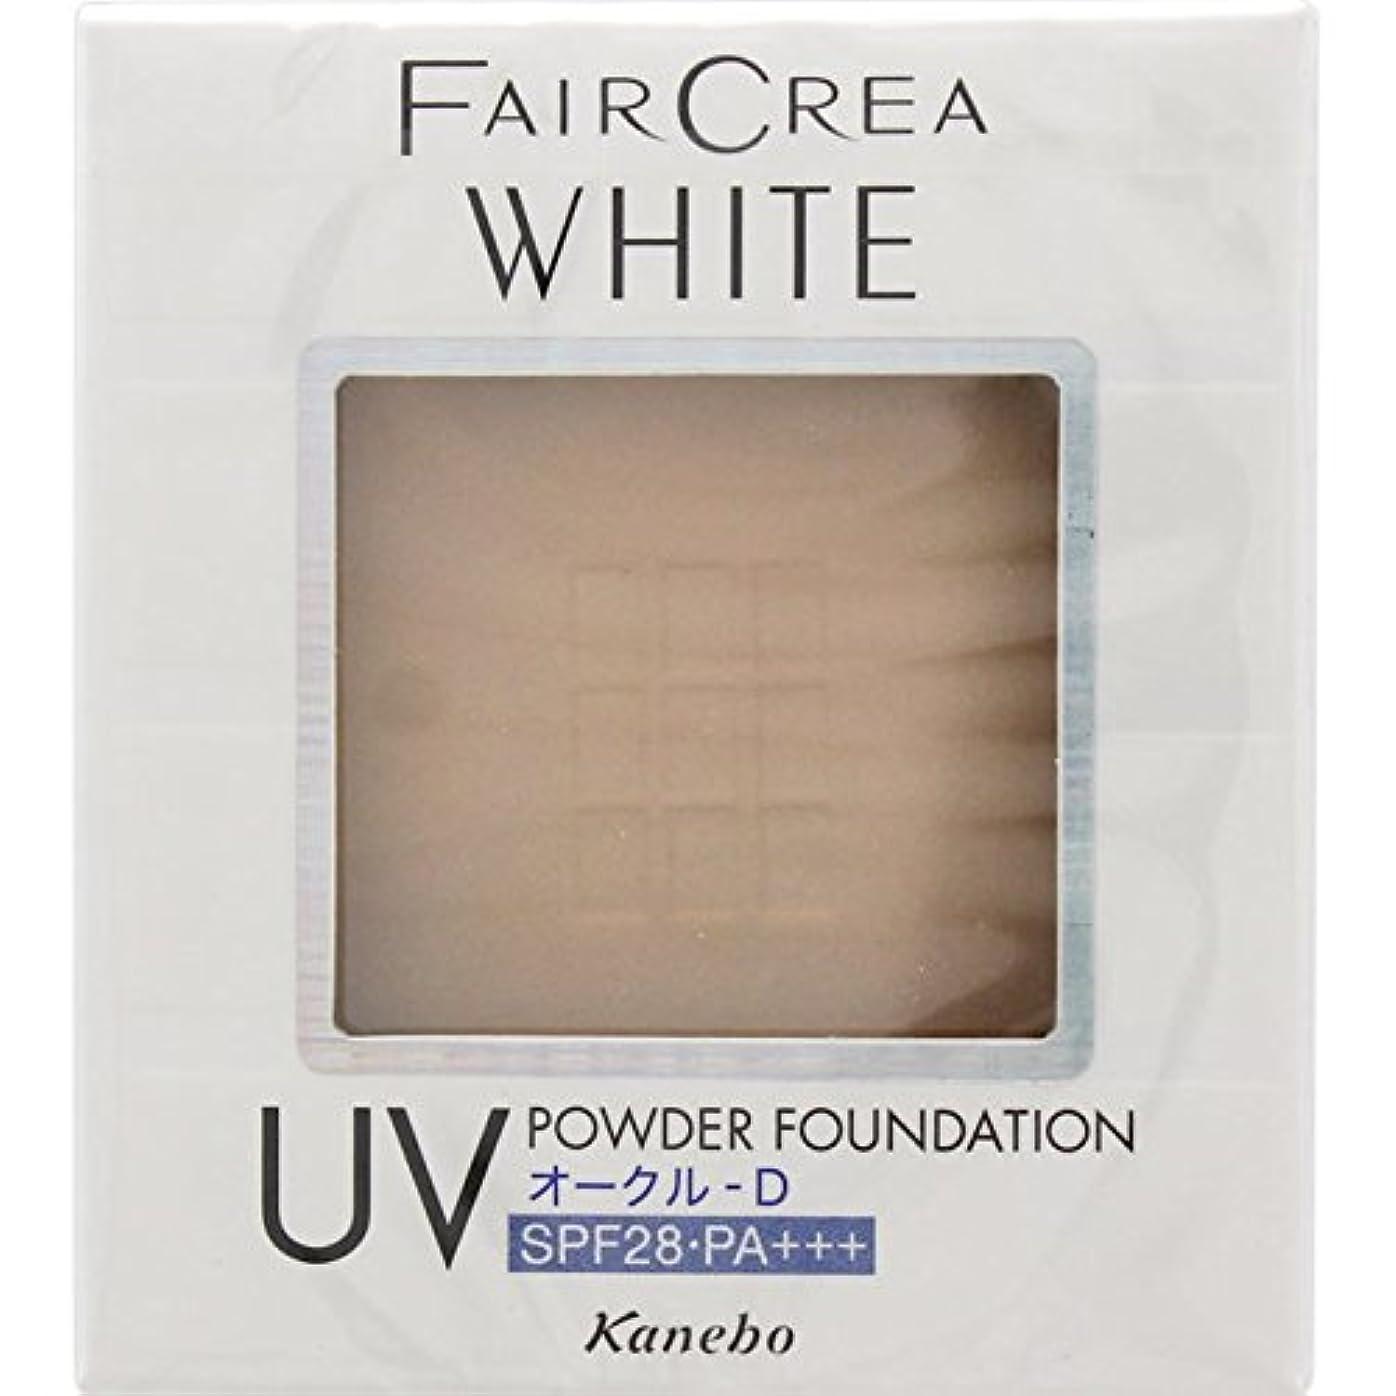 無許可幸運所有権カネボウフェアクレア(FAIRCREA)ホワイトUVパウダーファンデーション カラー:オークルD